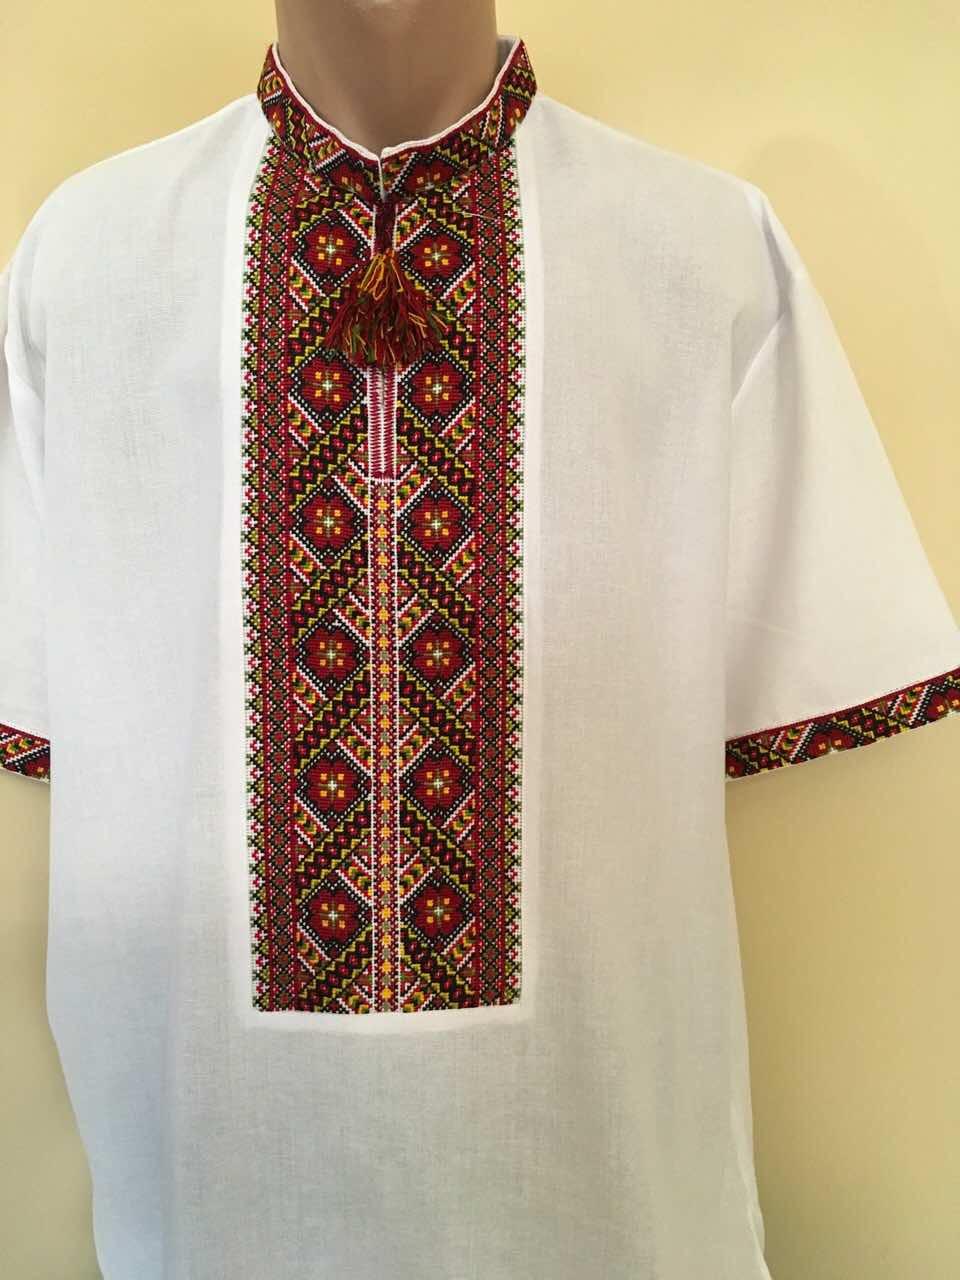 Літня вишита сорочка чоловіча ручної роботи 54-56 розмір  продажа ... 4773d6939f95c